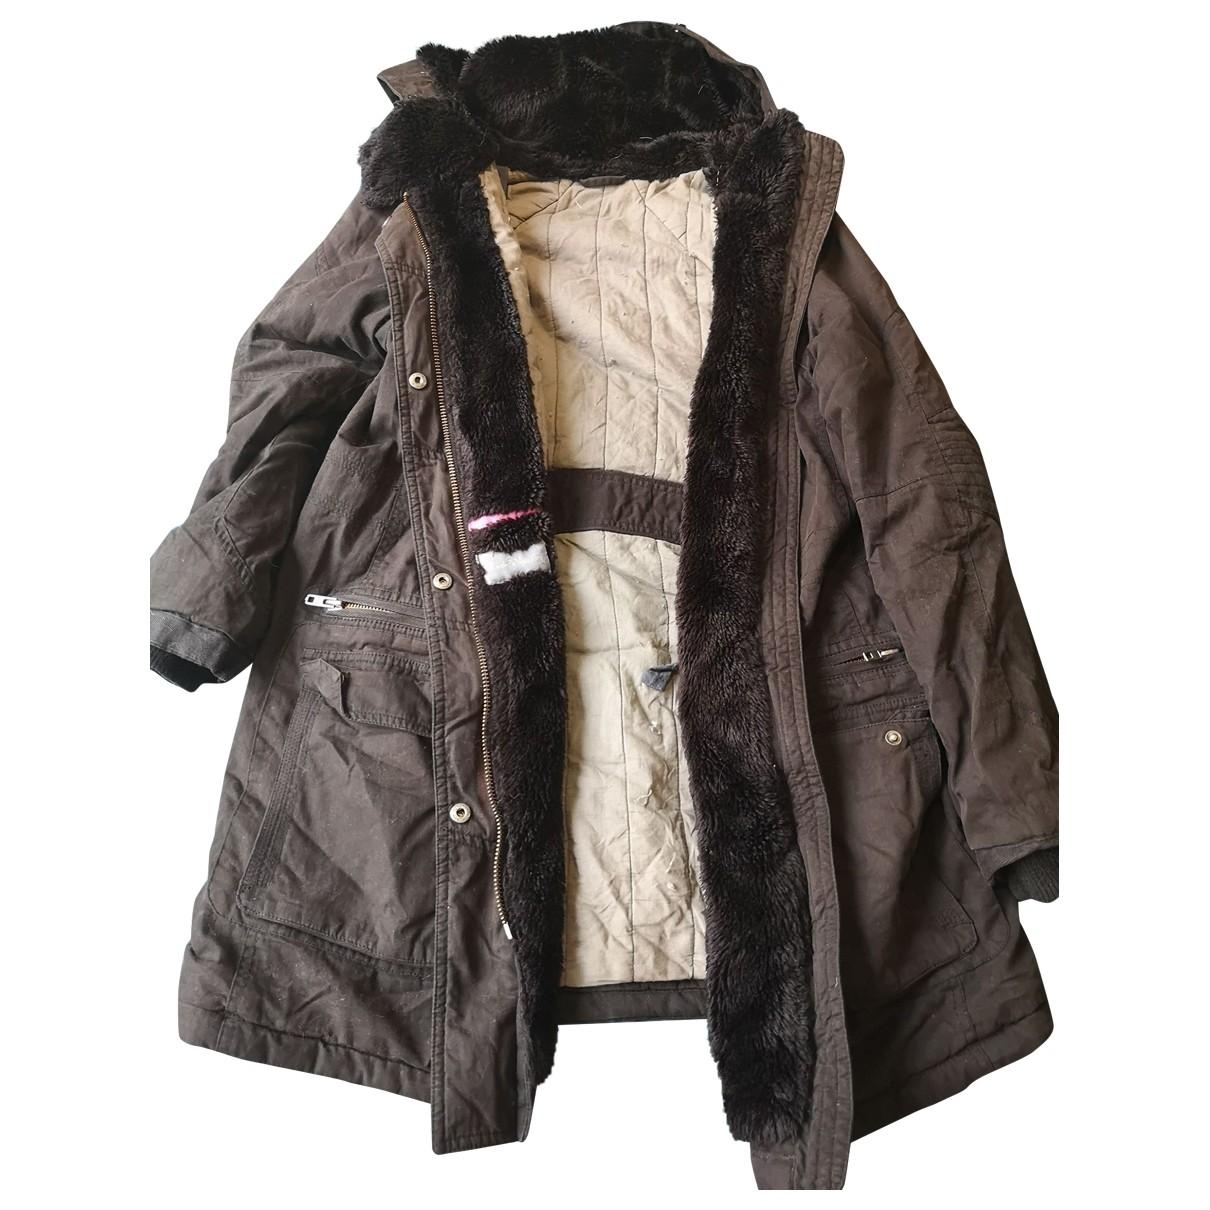 Zadig & Voltaire \N Black coat for Women 38 FR